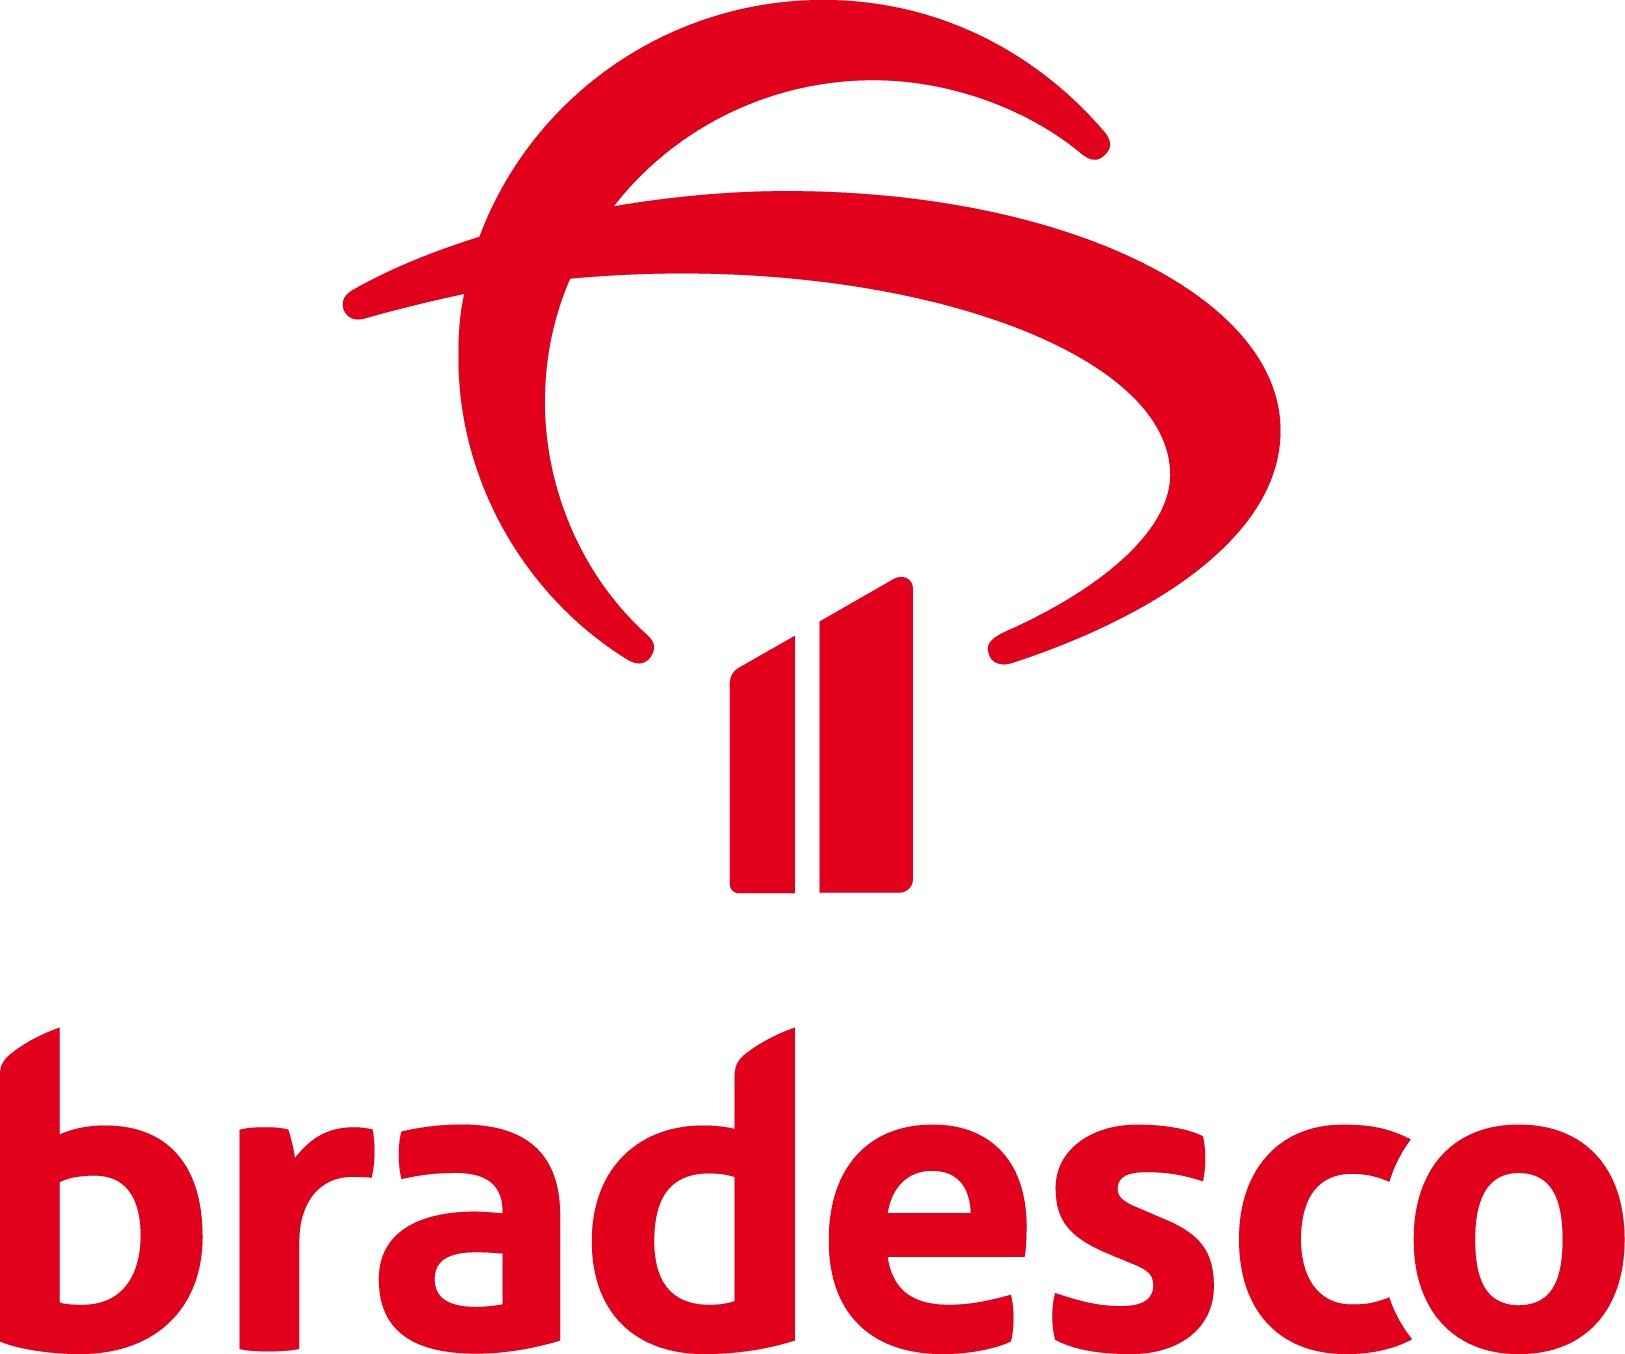 Banco Bradesco Logo png